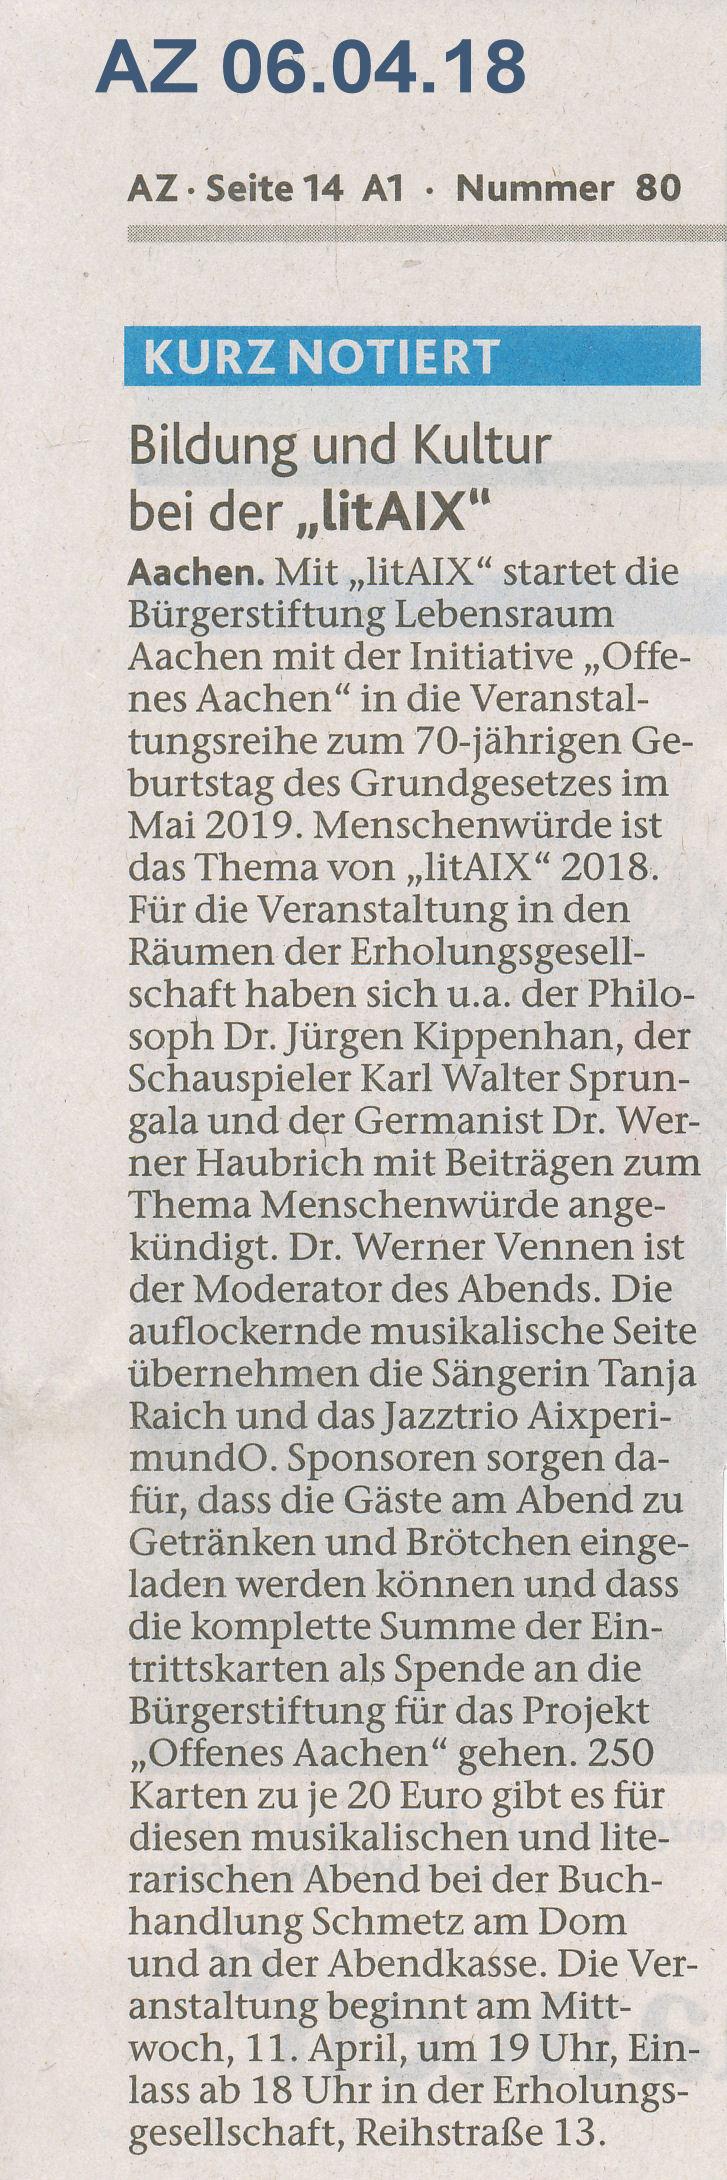 Offenes aachen 2 0 b rgerstiftung lebensraum aachen for Spiegel 06 2018